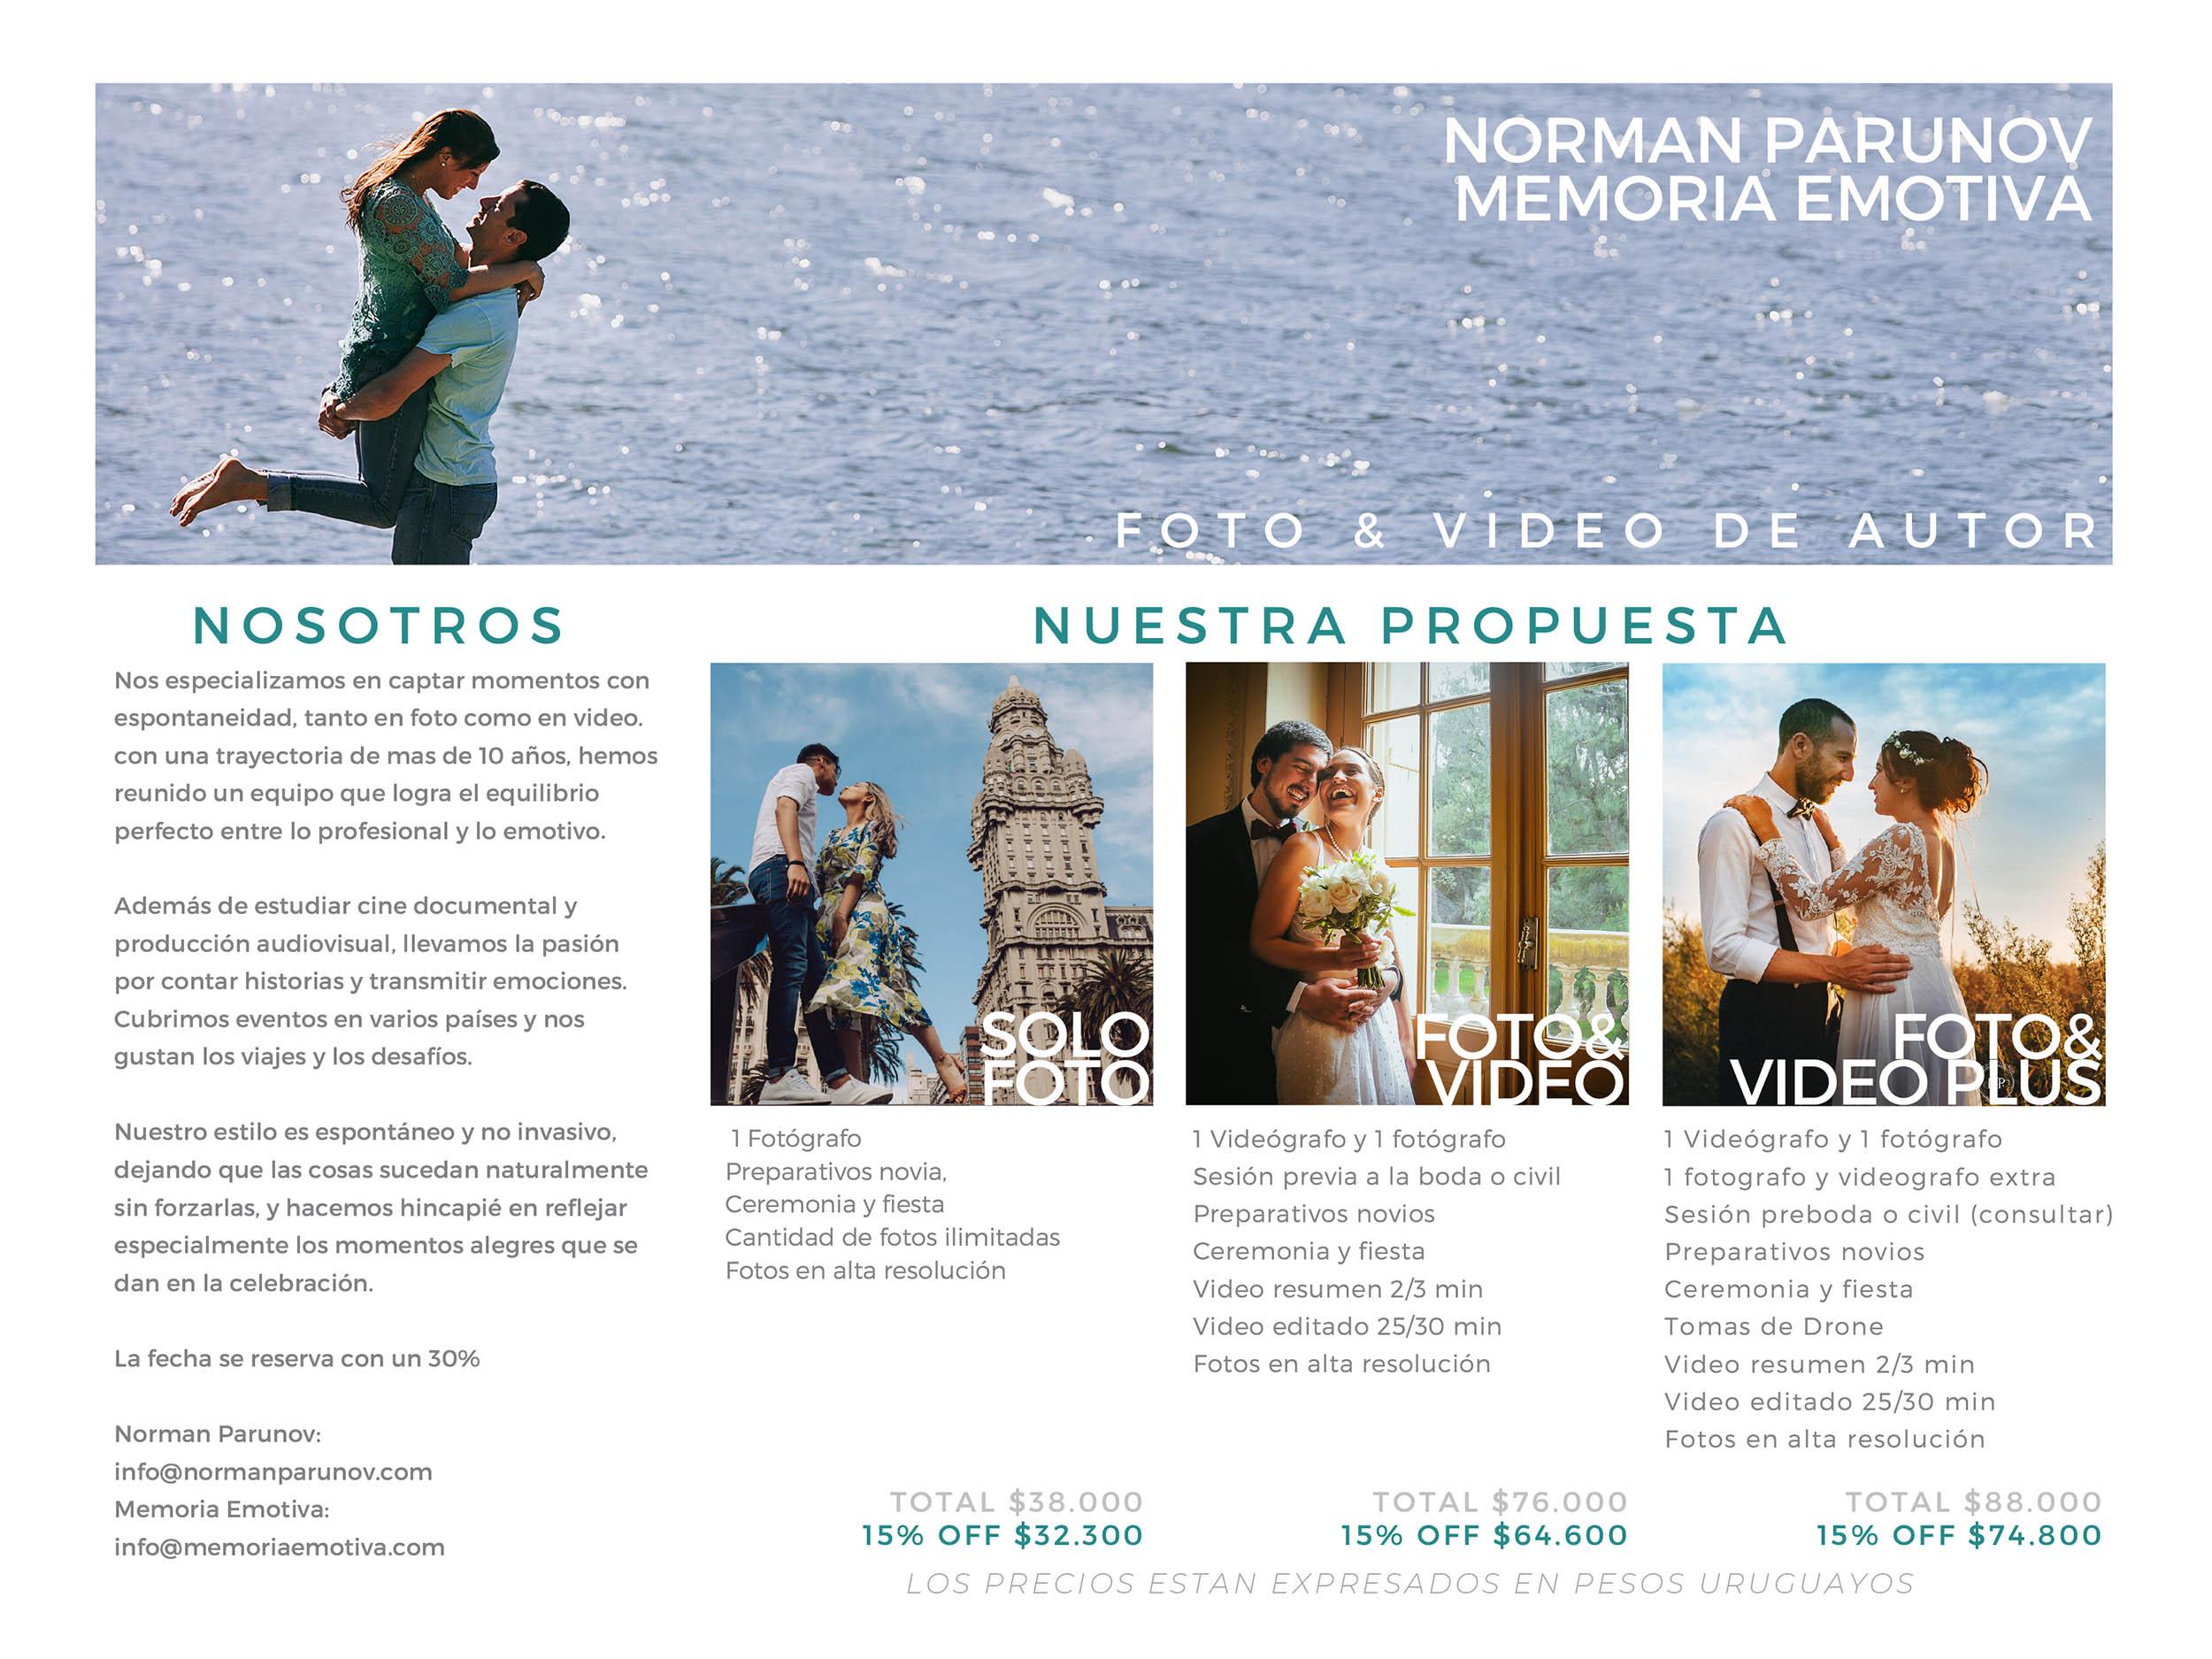 promocion bodas en montevideo uruguay